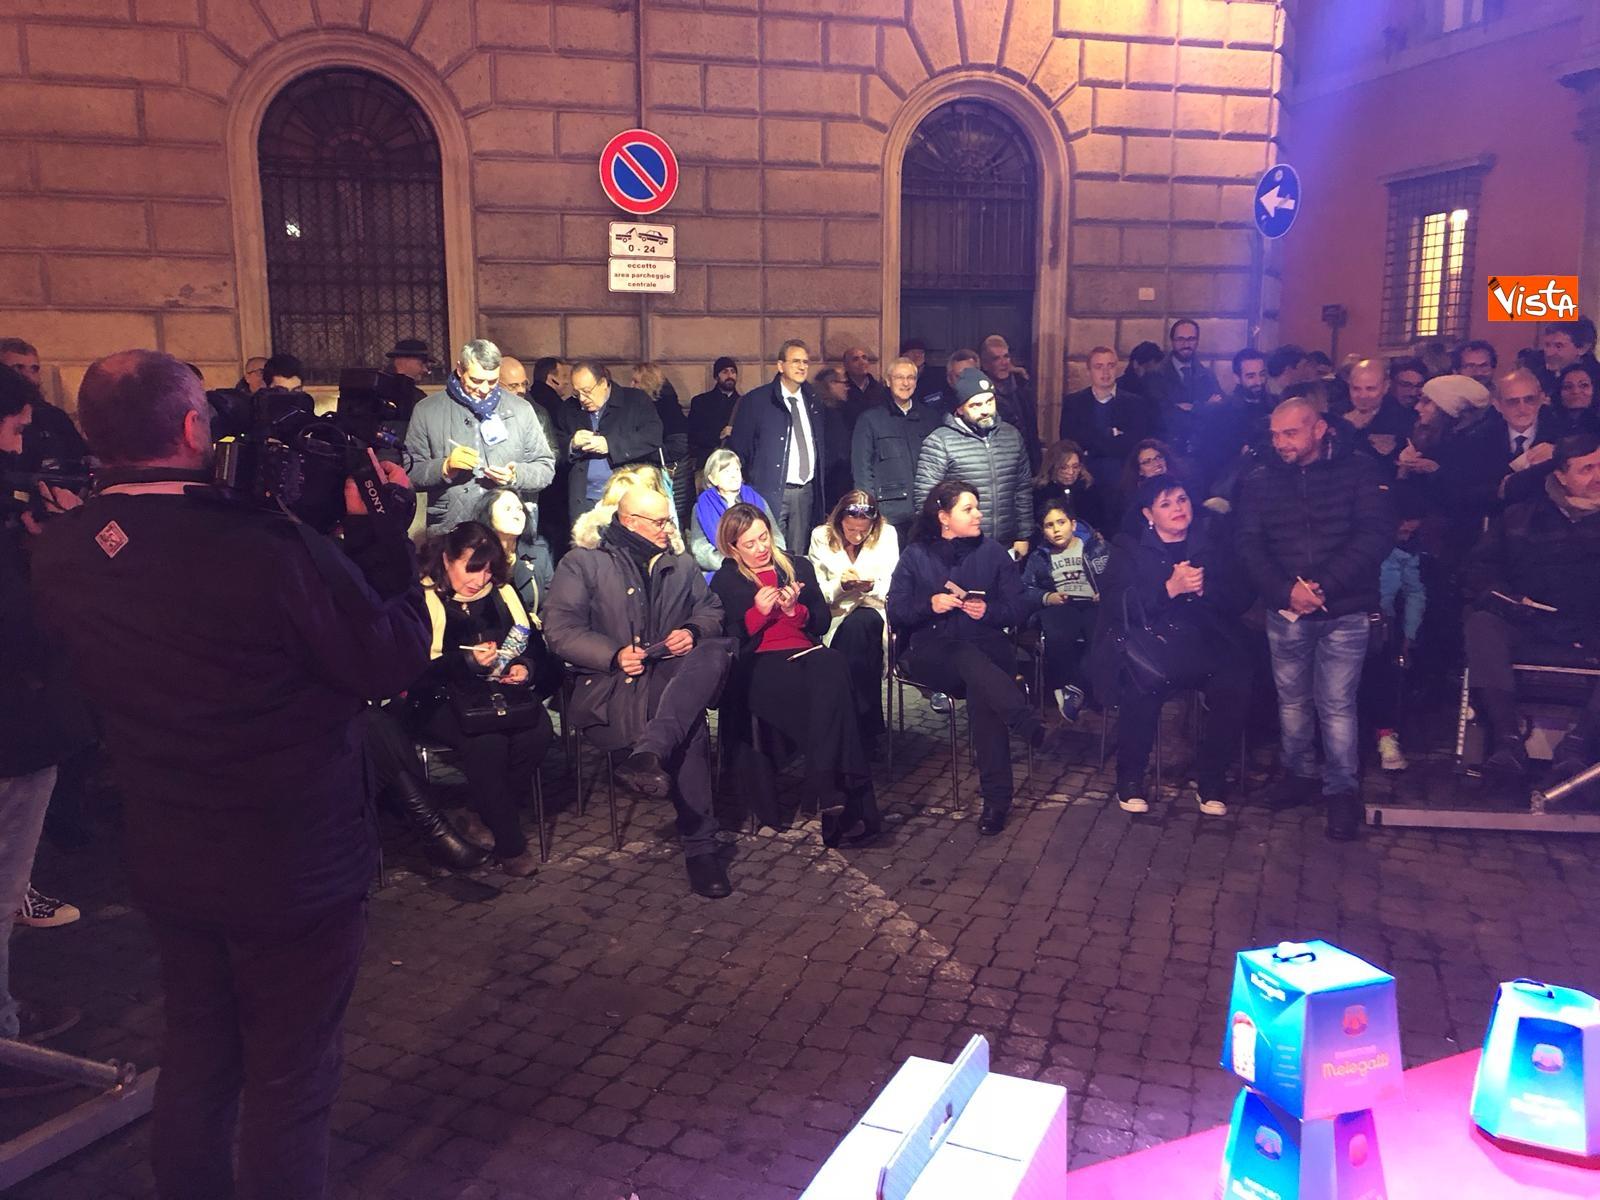 La festa di natale di Fratelli d'Italia, tra prodotti locali e tombolata sovranista_13